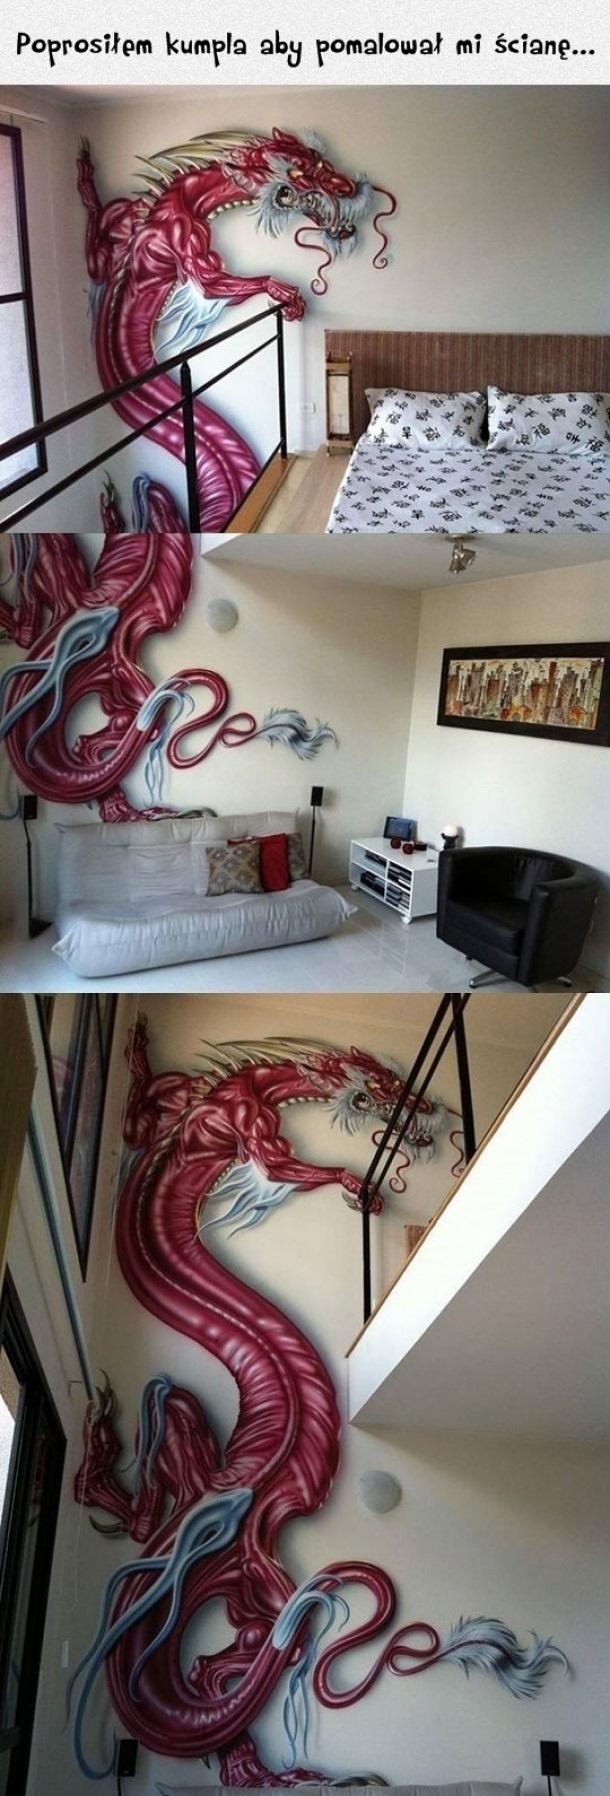 Kiedy poprosisz kumpla o pomalowanie ściany...